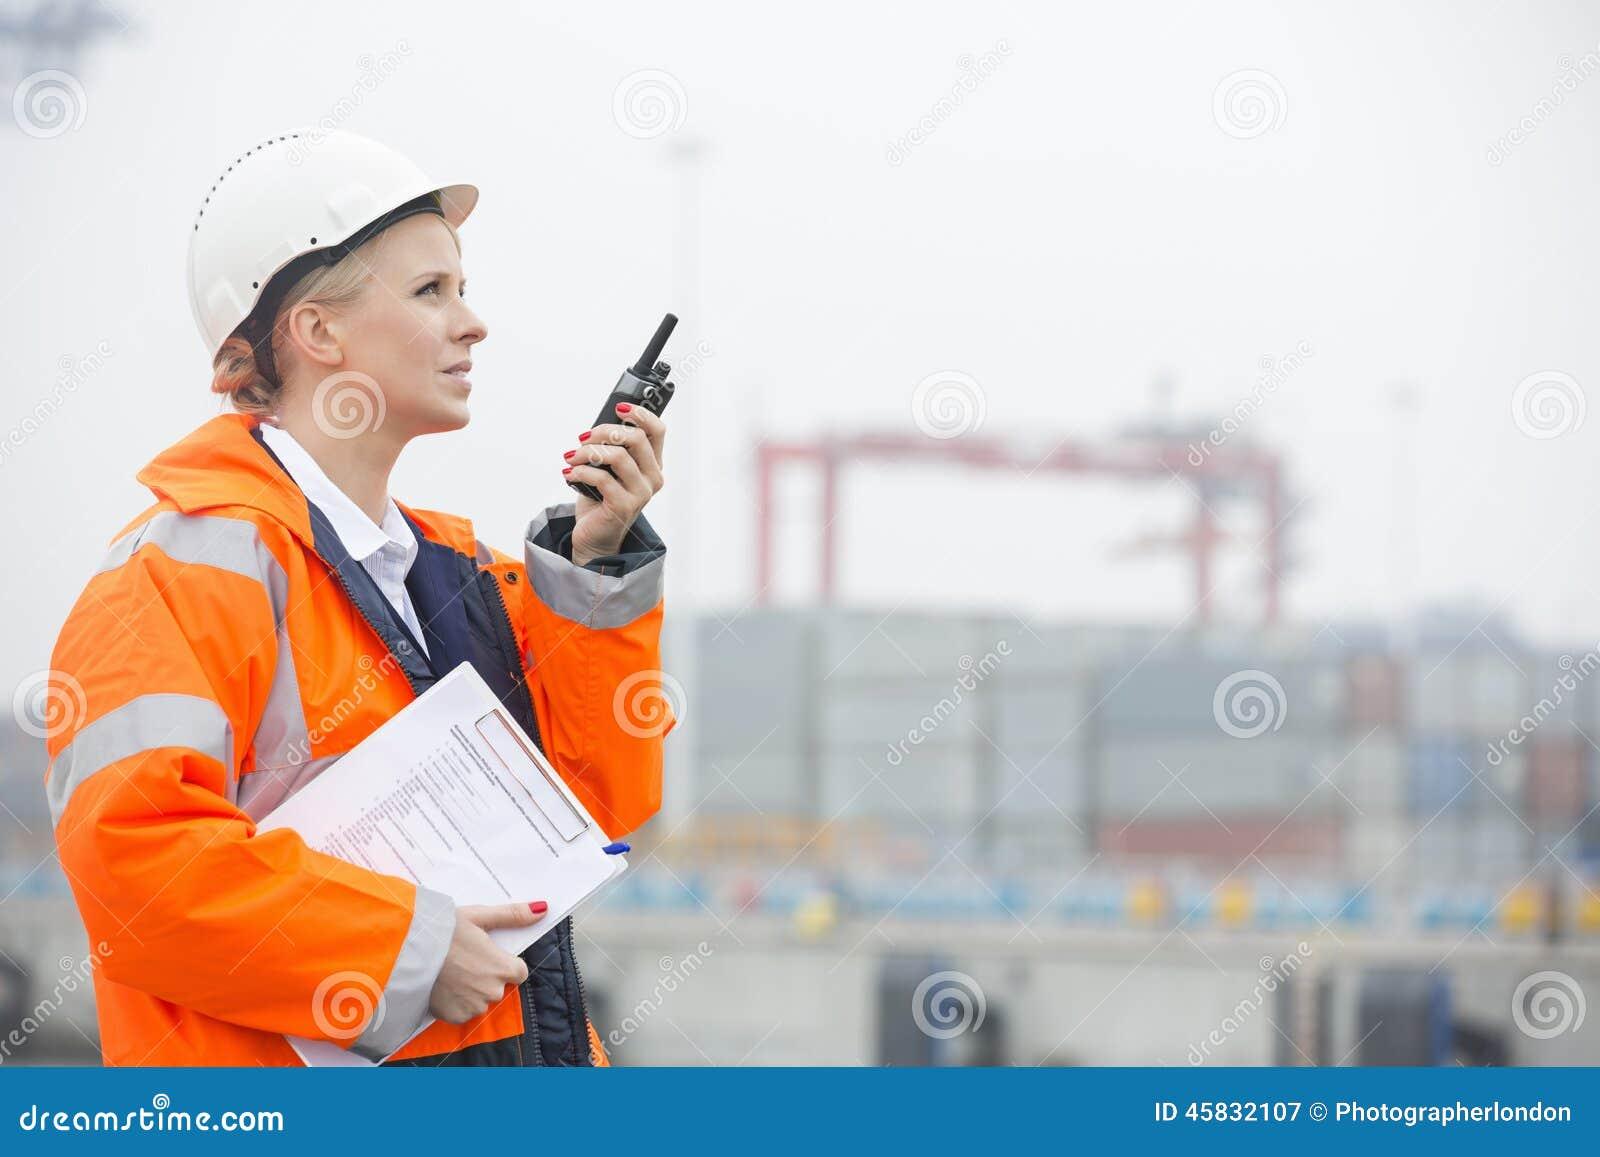 Πλάγια όψη του θηλυκού μηχανικού που χρησιμοποιεί walkie-talkie στη ναυτιλία του ναυπηγείου